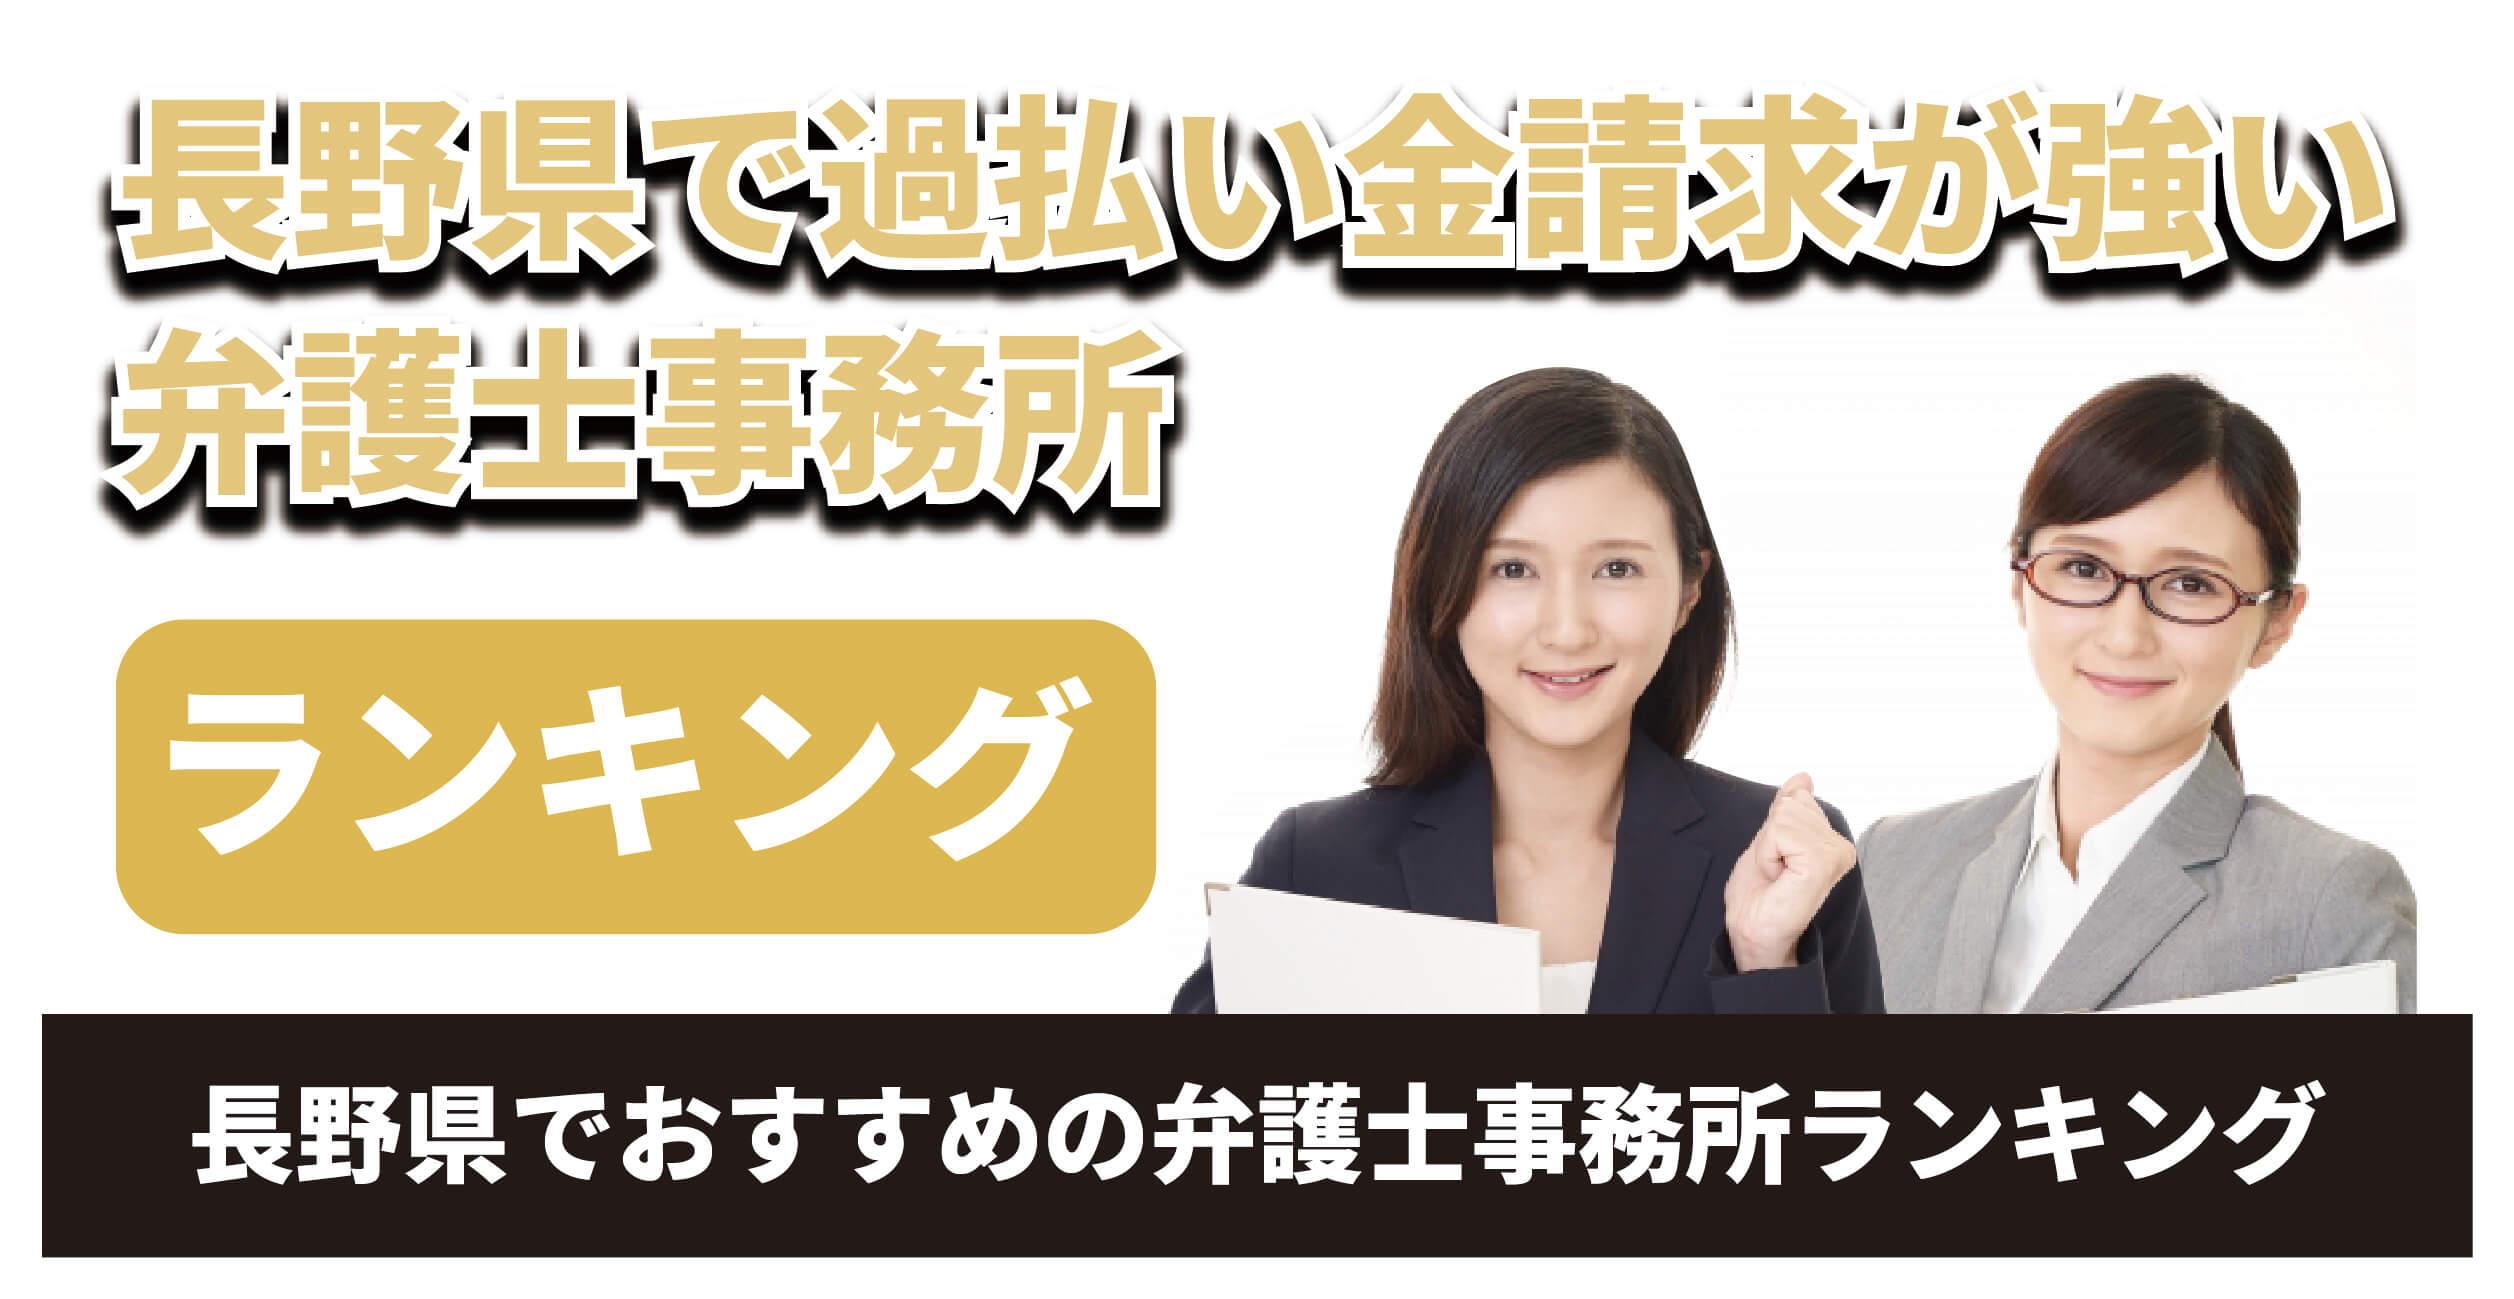 長野県で過払い金請求が強い弁護士は?